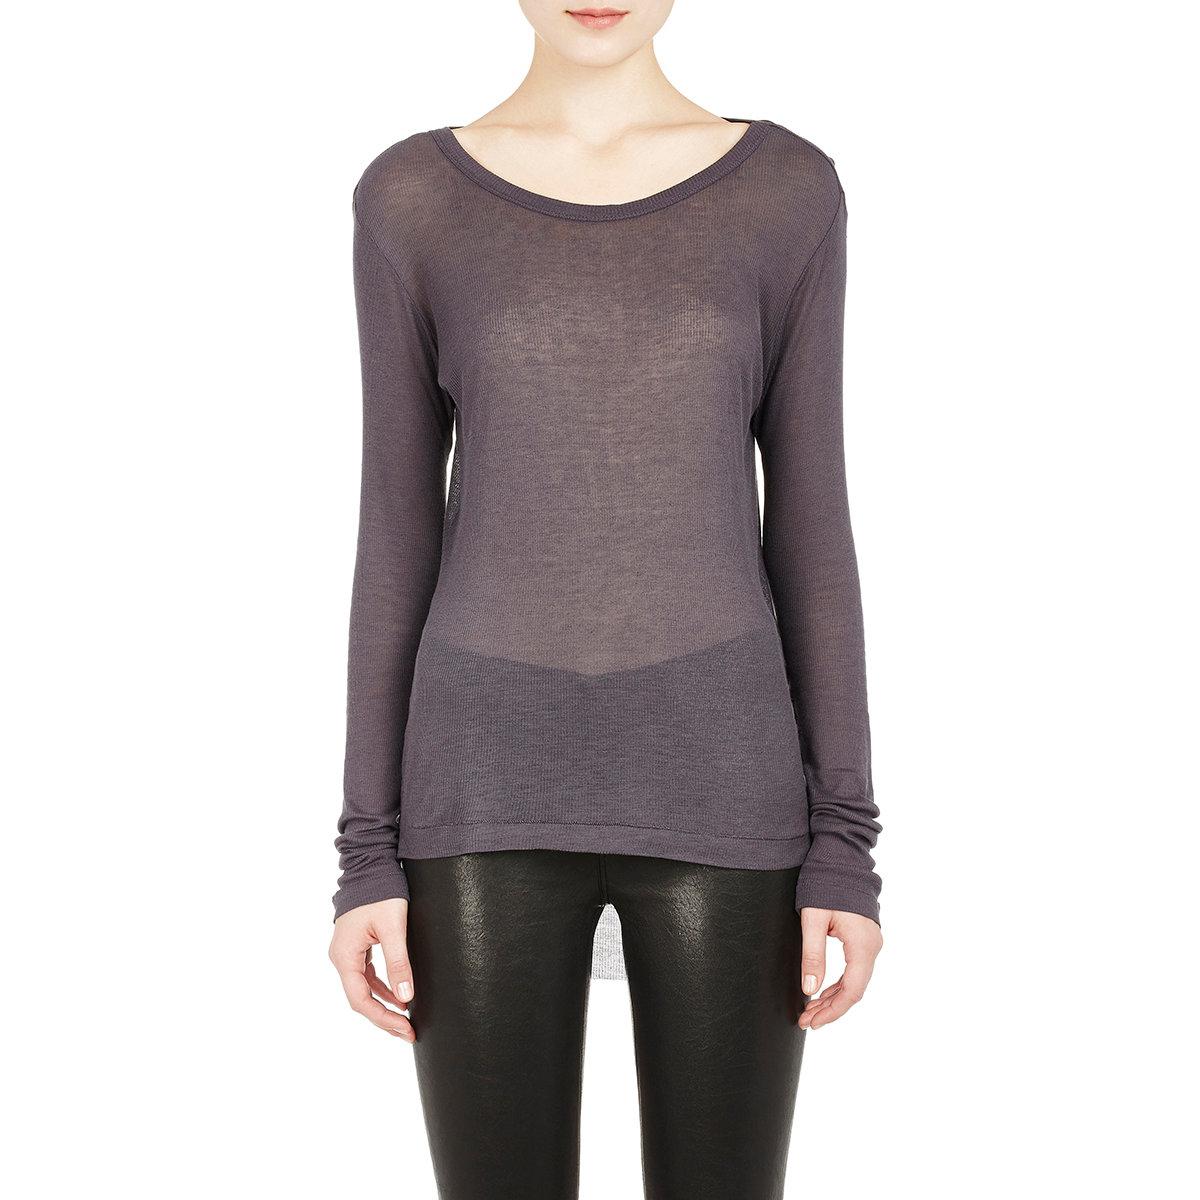 Ann demeulemeester women 39 s raw edge long sleeve t shirt in for Raw edge t shirt women s